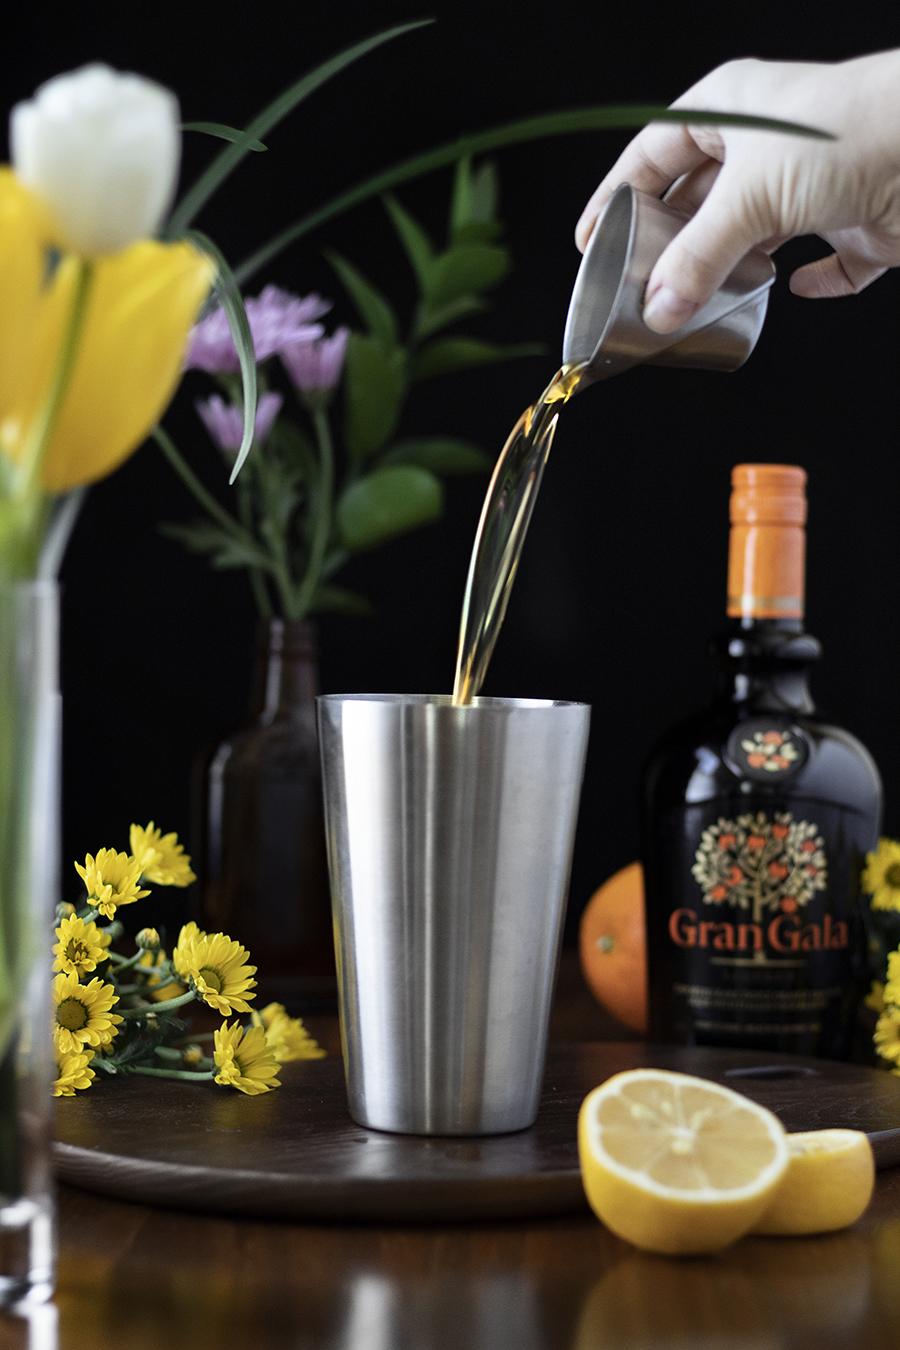 Spring cocktails featuring Gran Gala orange liqueur